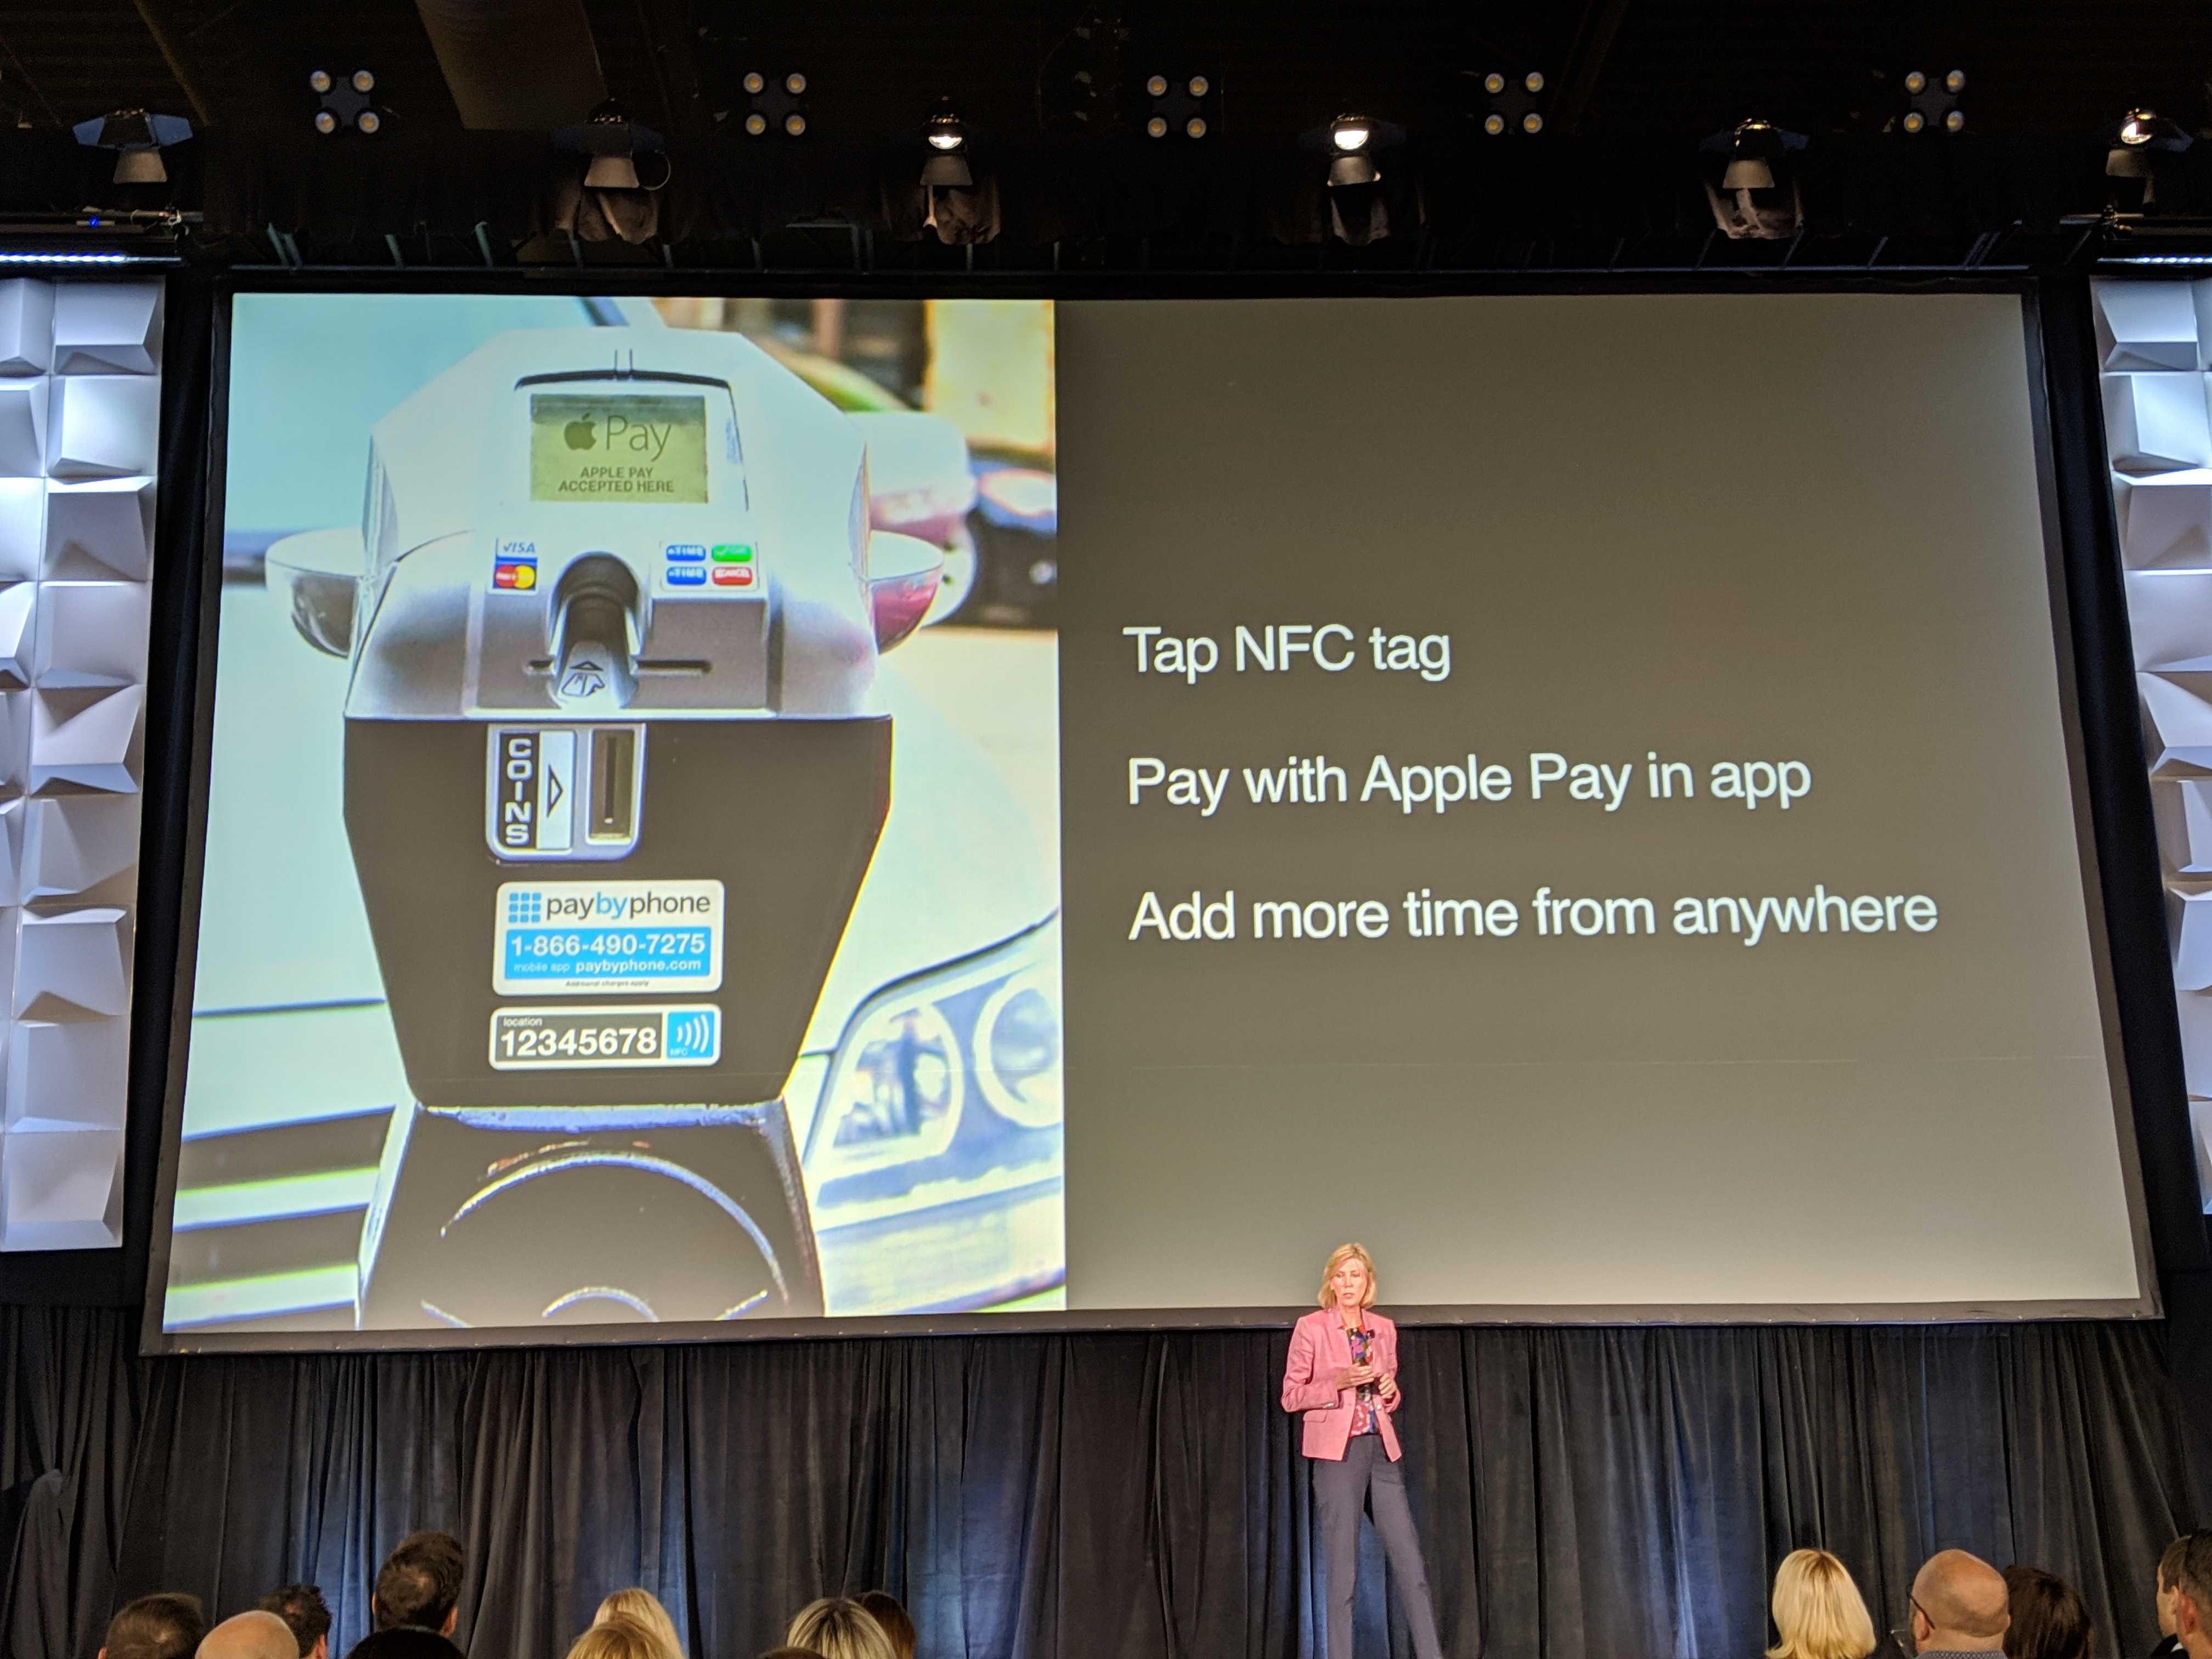 Jennifer Bailey apresentando novo recurso de tags NFC para o Apple Pay